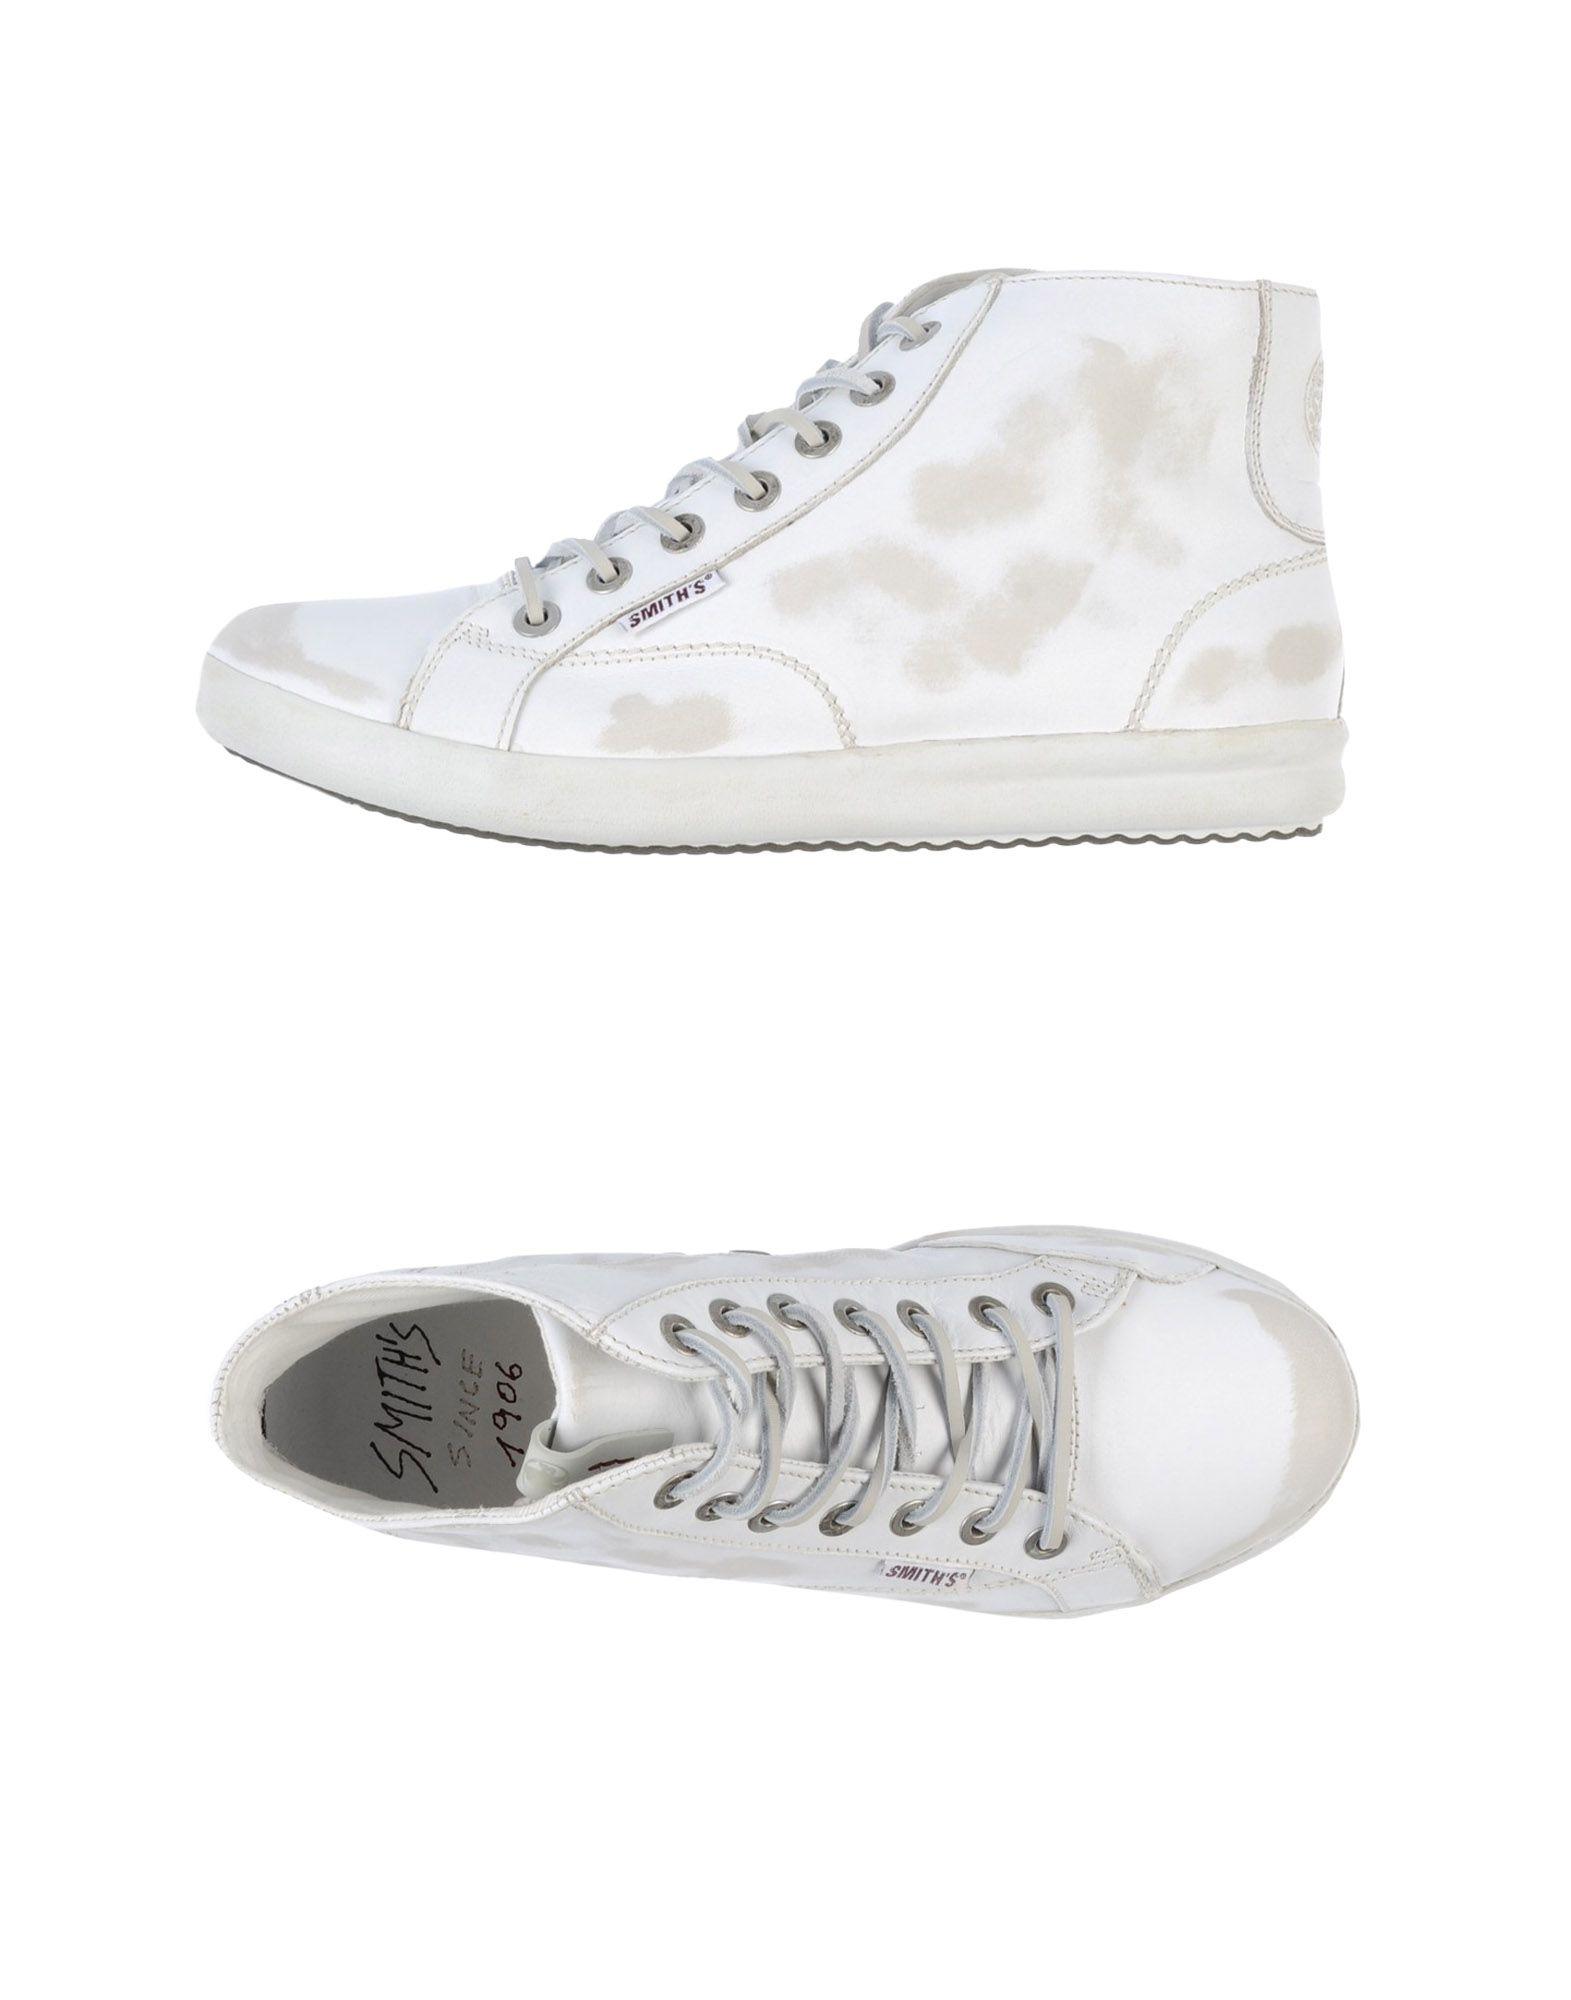 Smith's American Herren Sneakers Herren American  44585846JA 4171b3